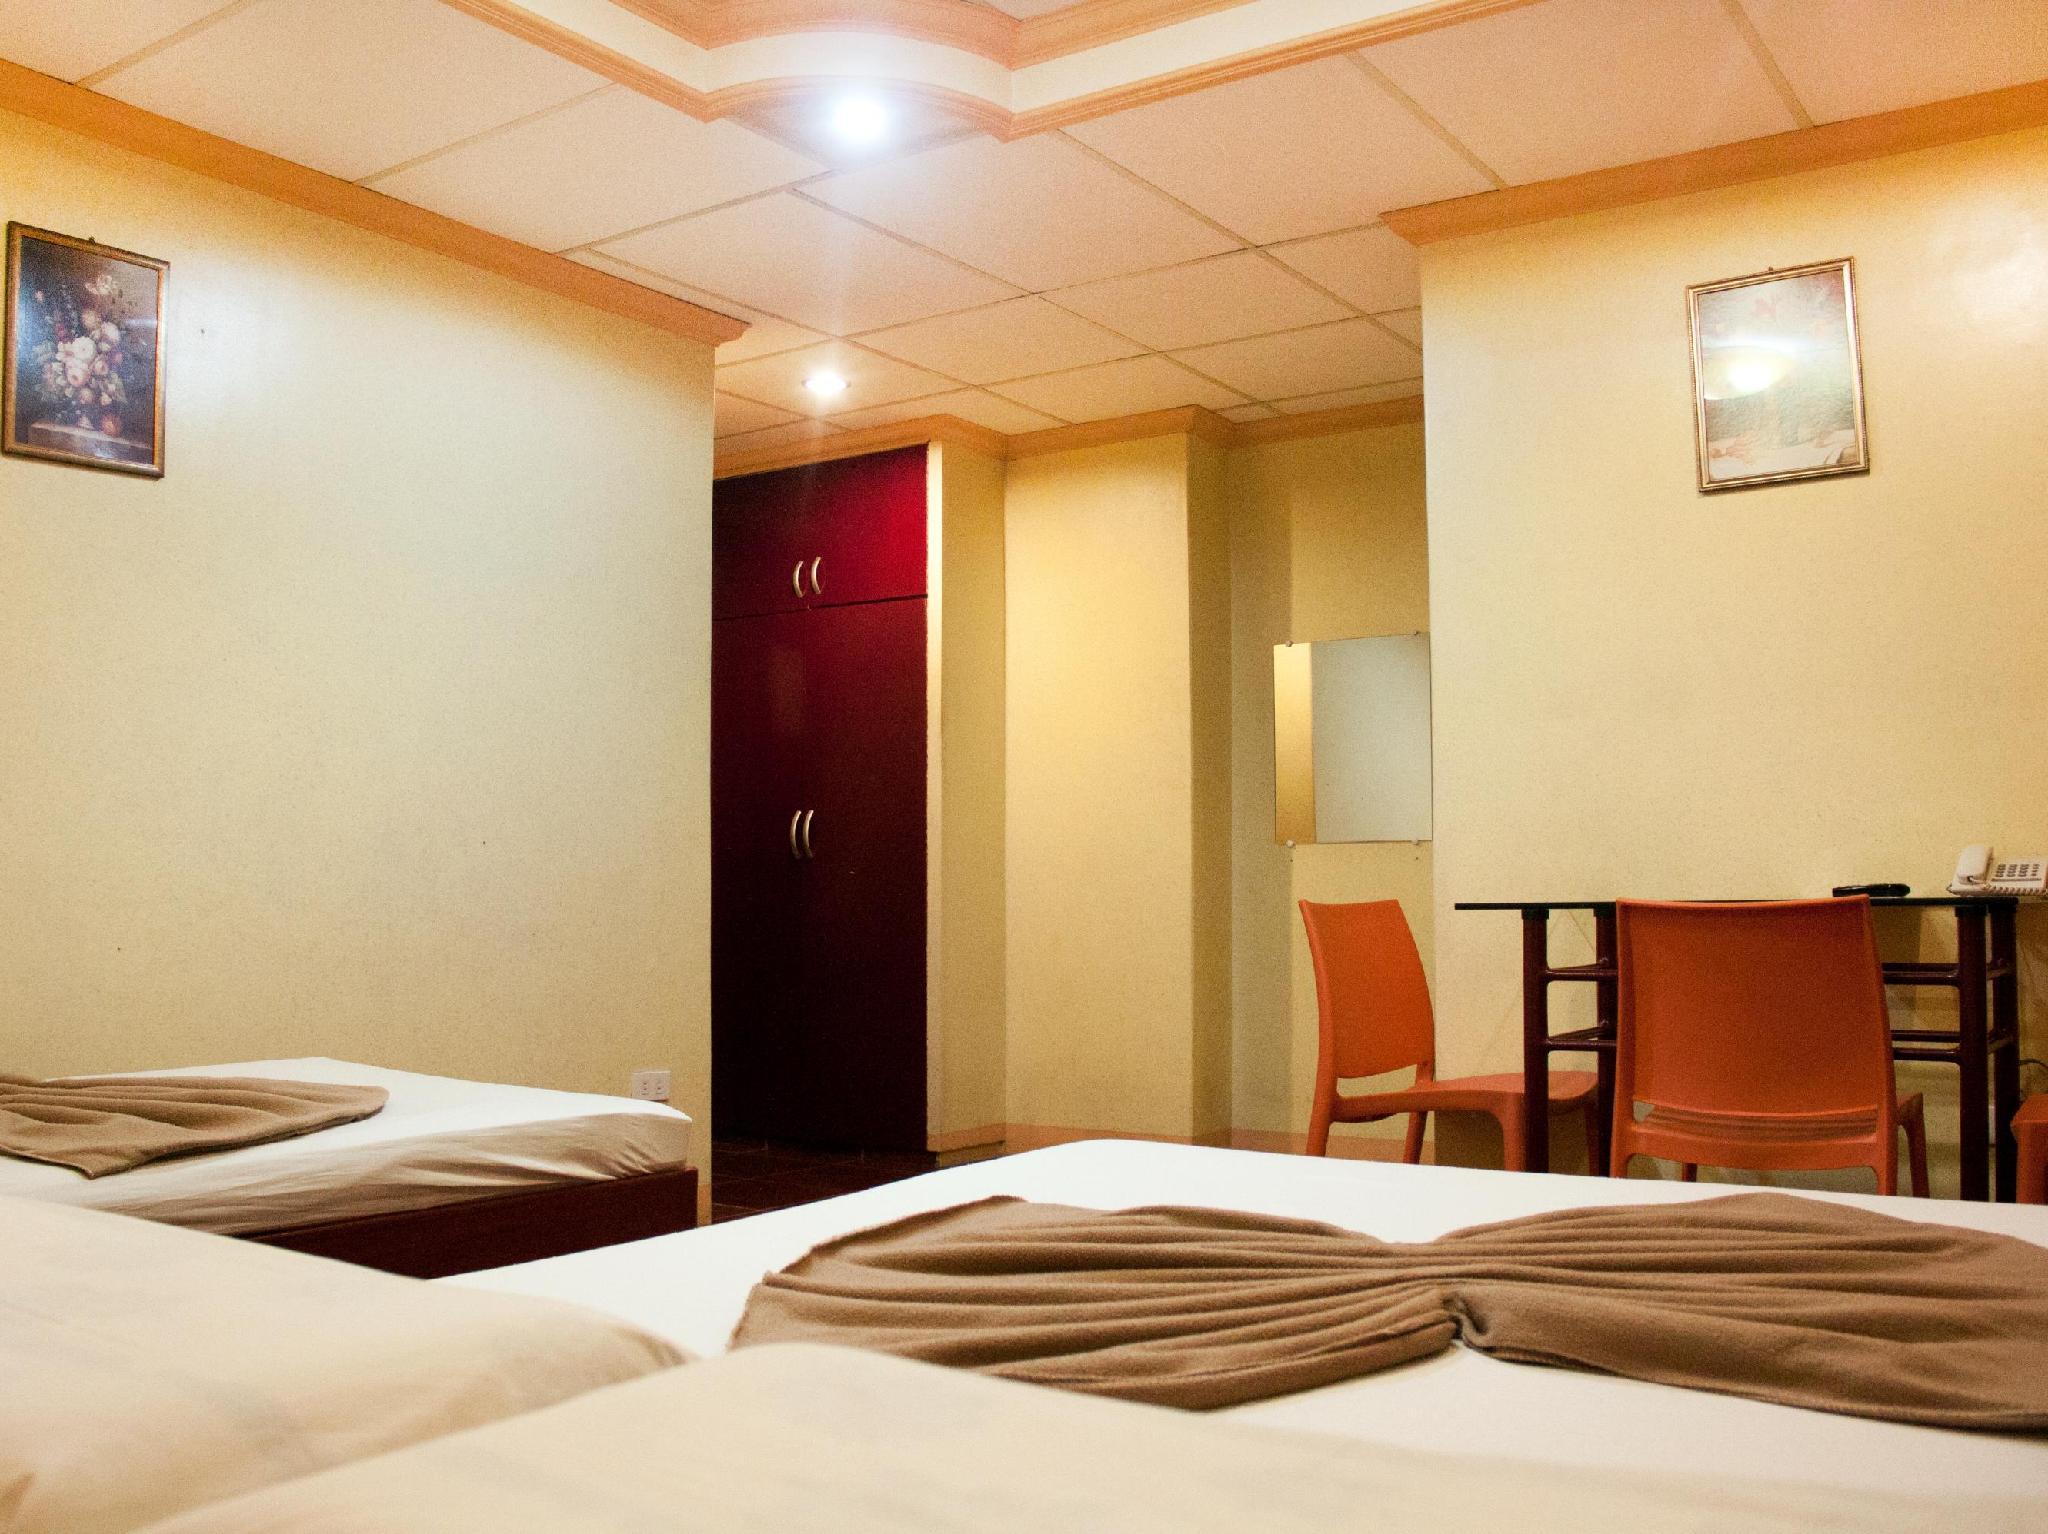 Ace Penzionne Cebu Guest Friendly Hotels